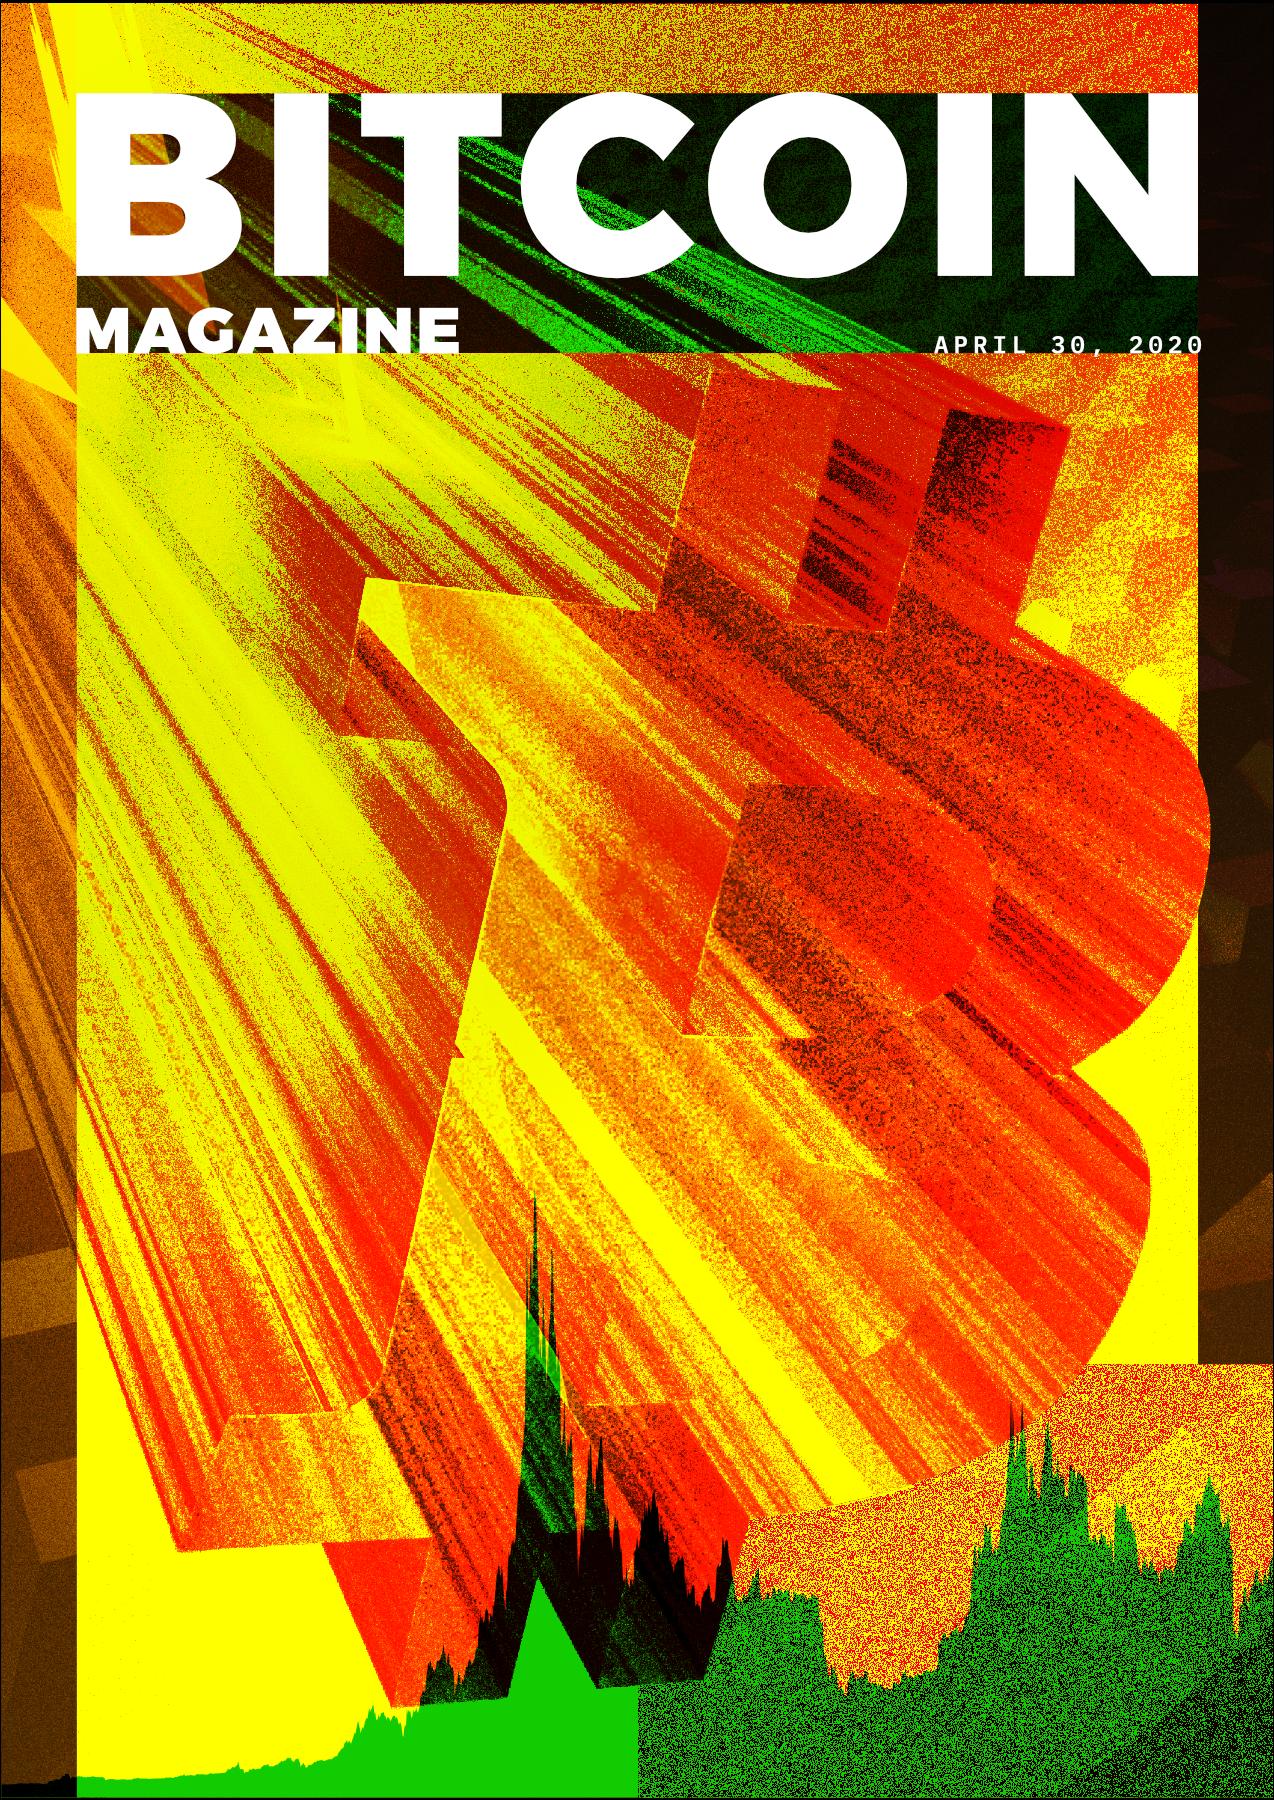 Bitcoin Magazine cover art (April 30, 2020)